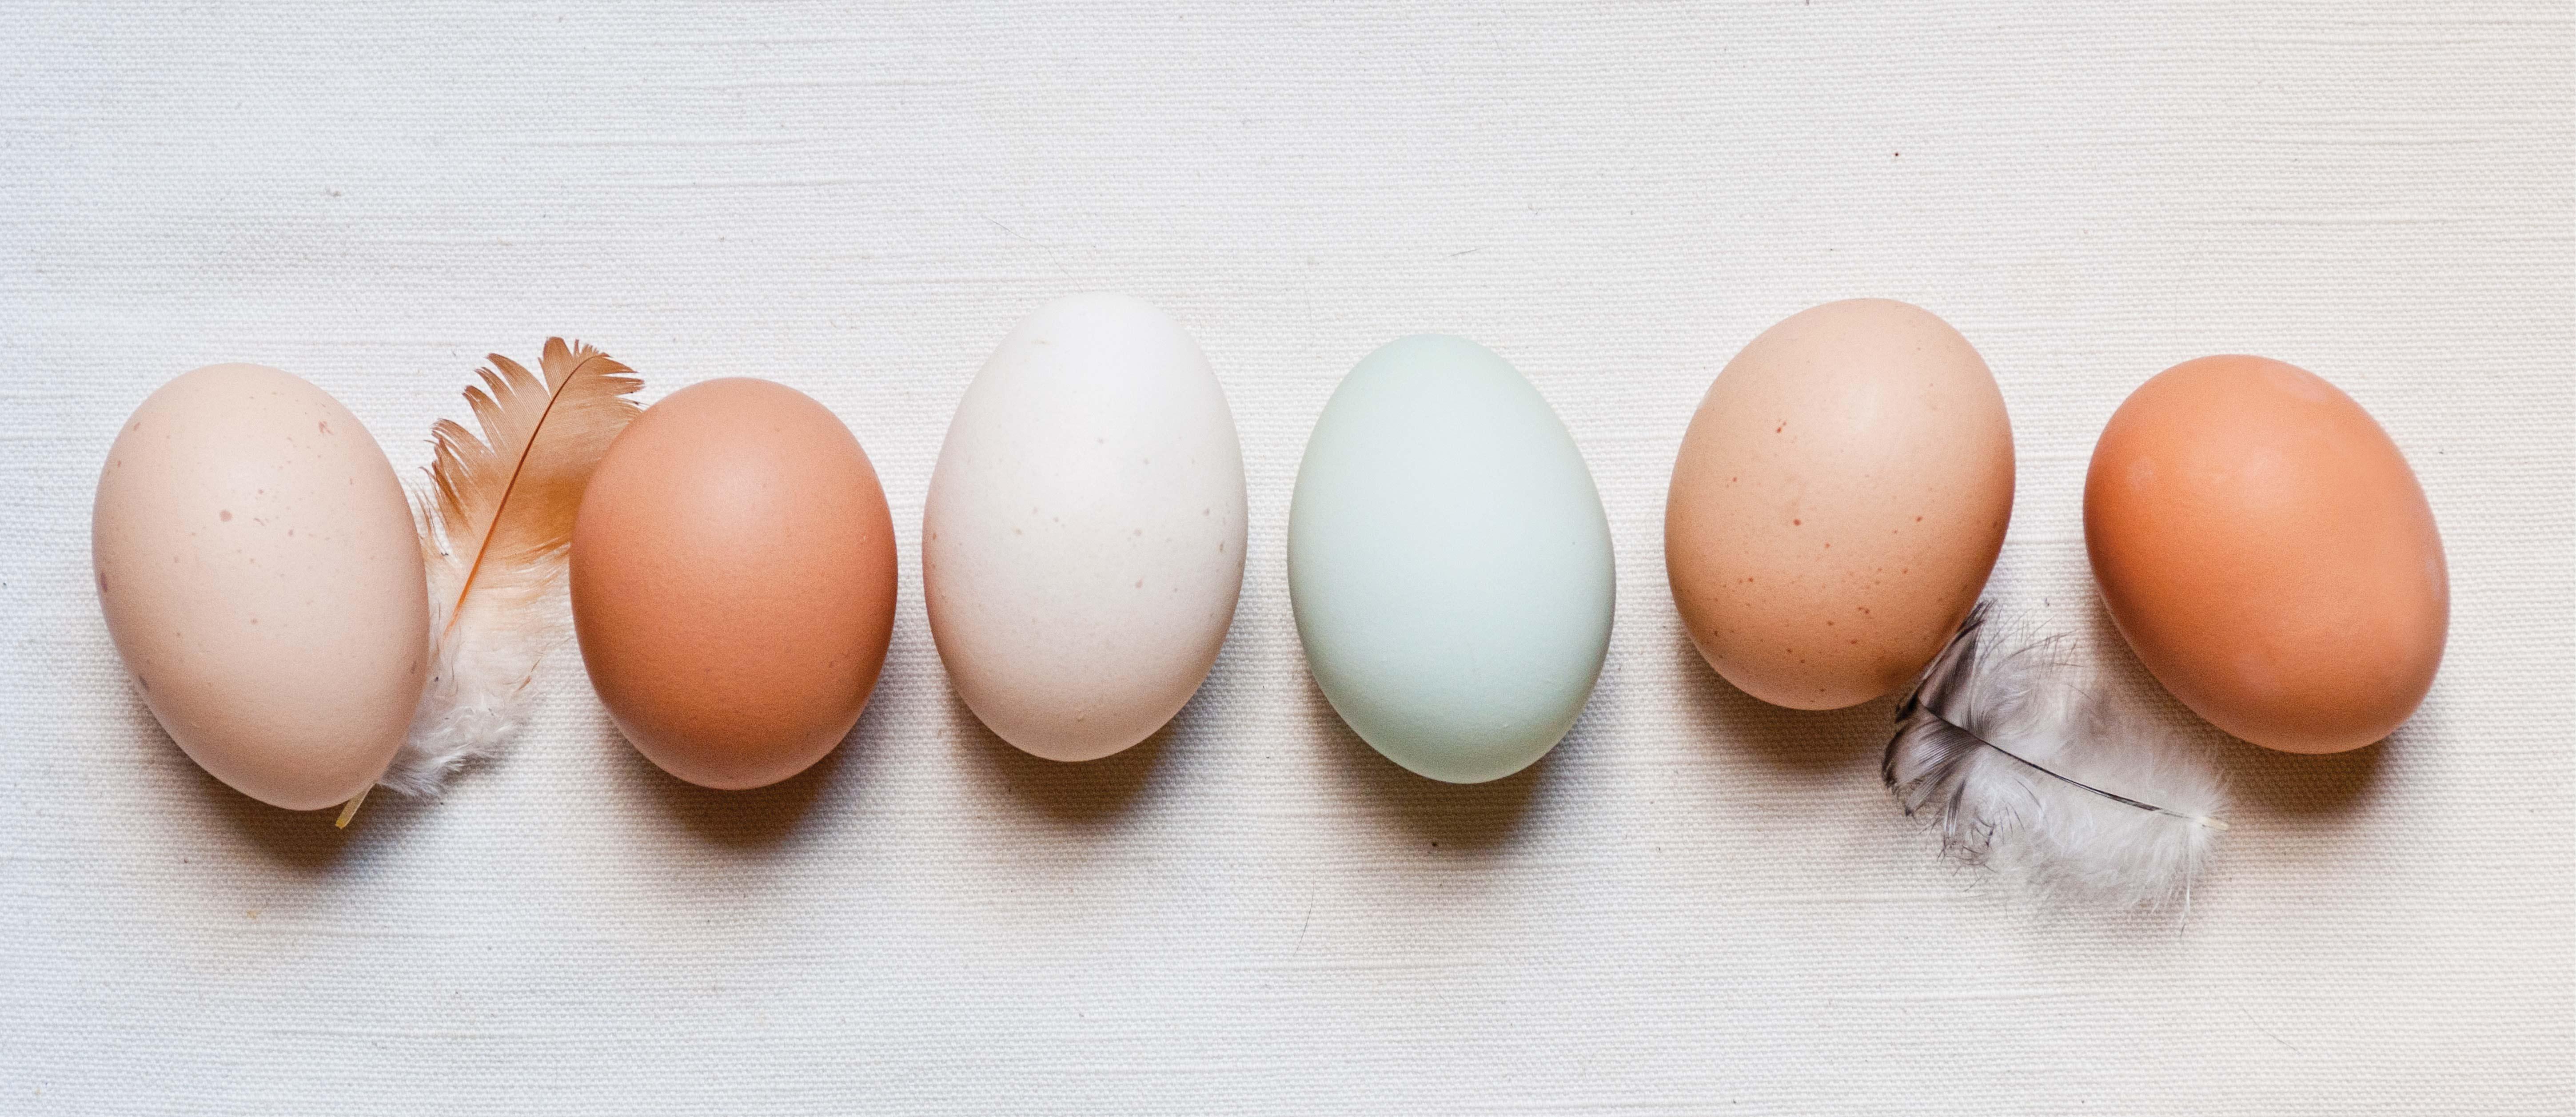 eggs good for gluten free diet